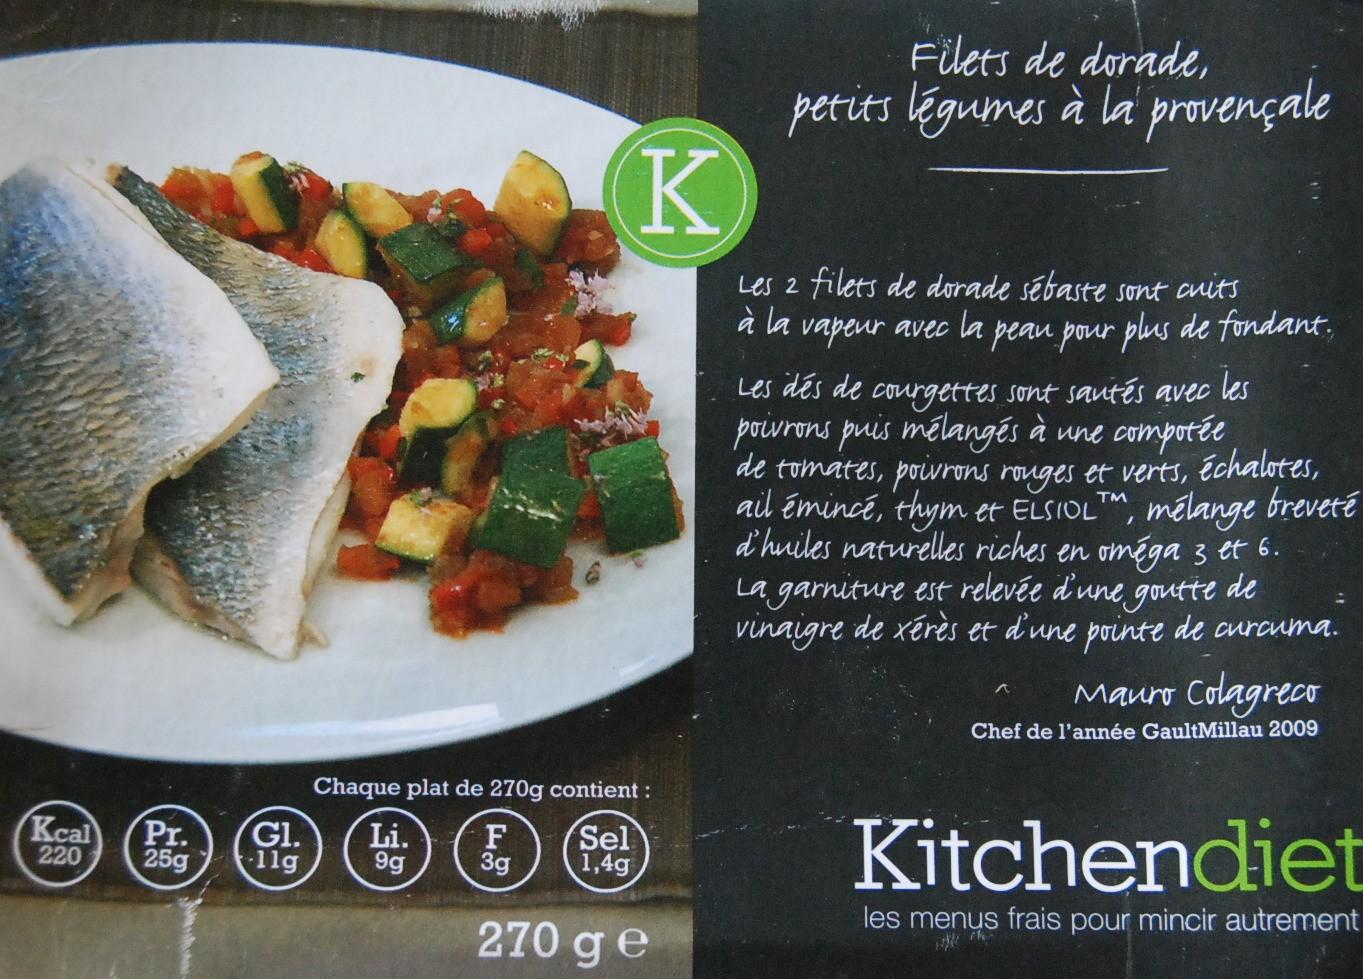 Kitchendiet 005